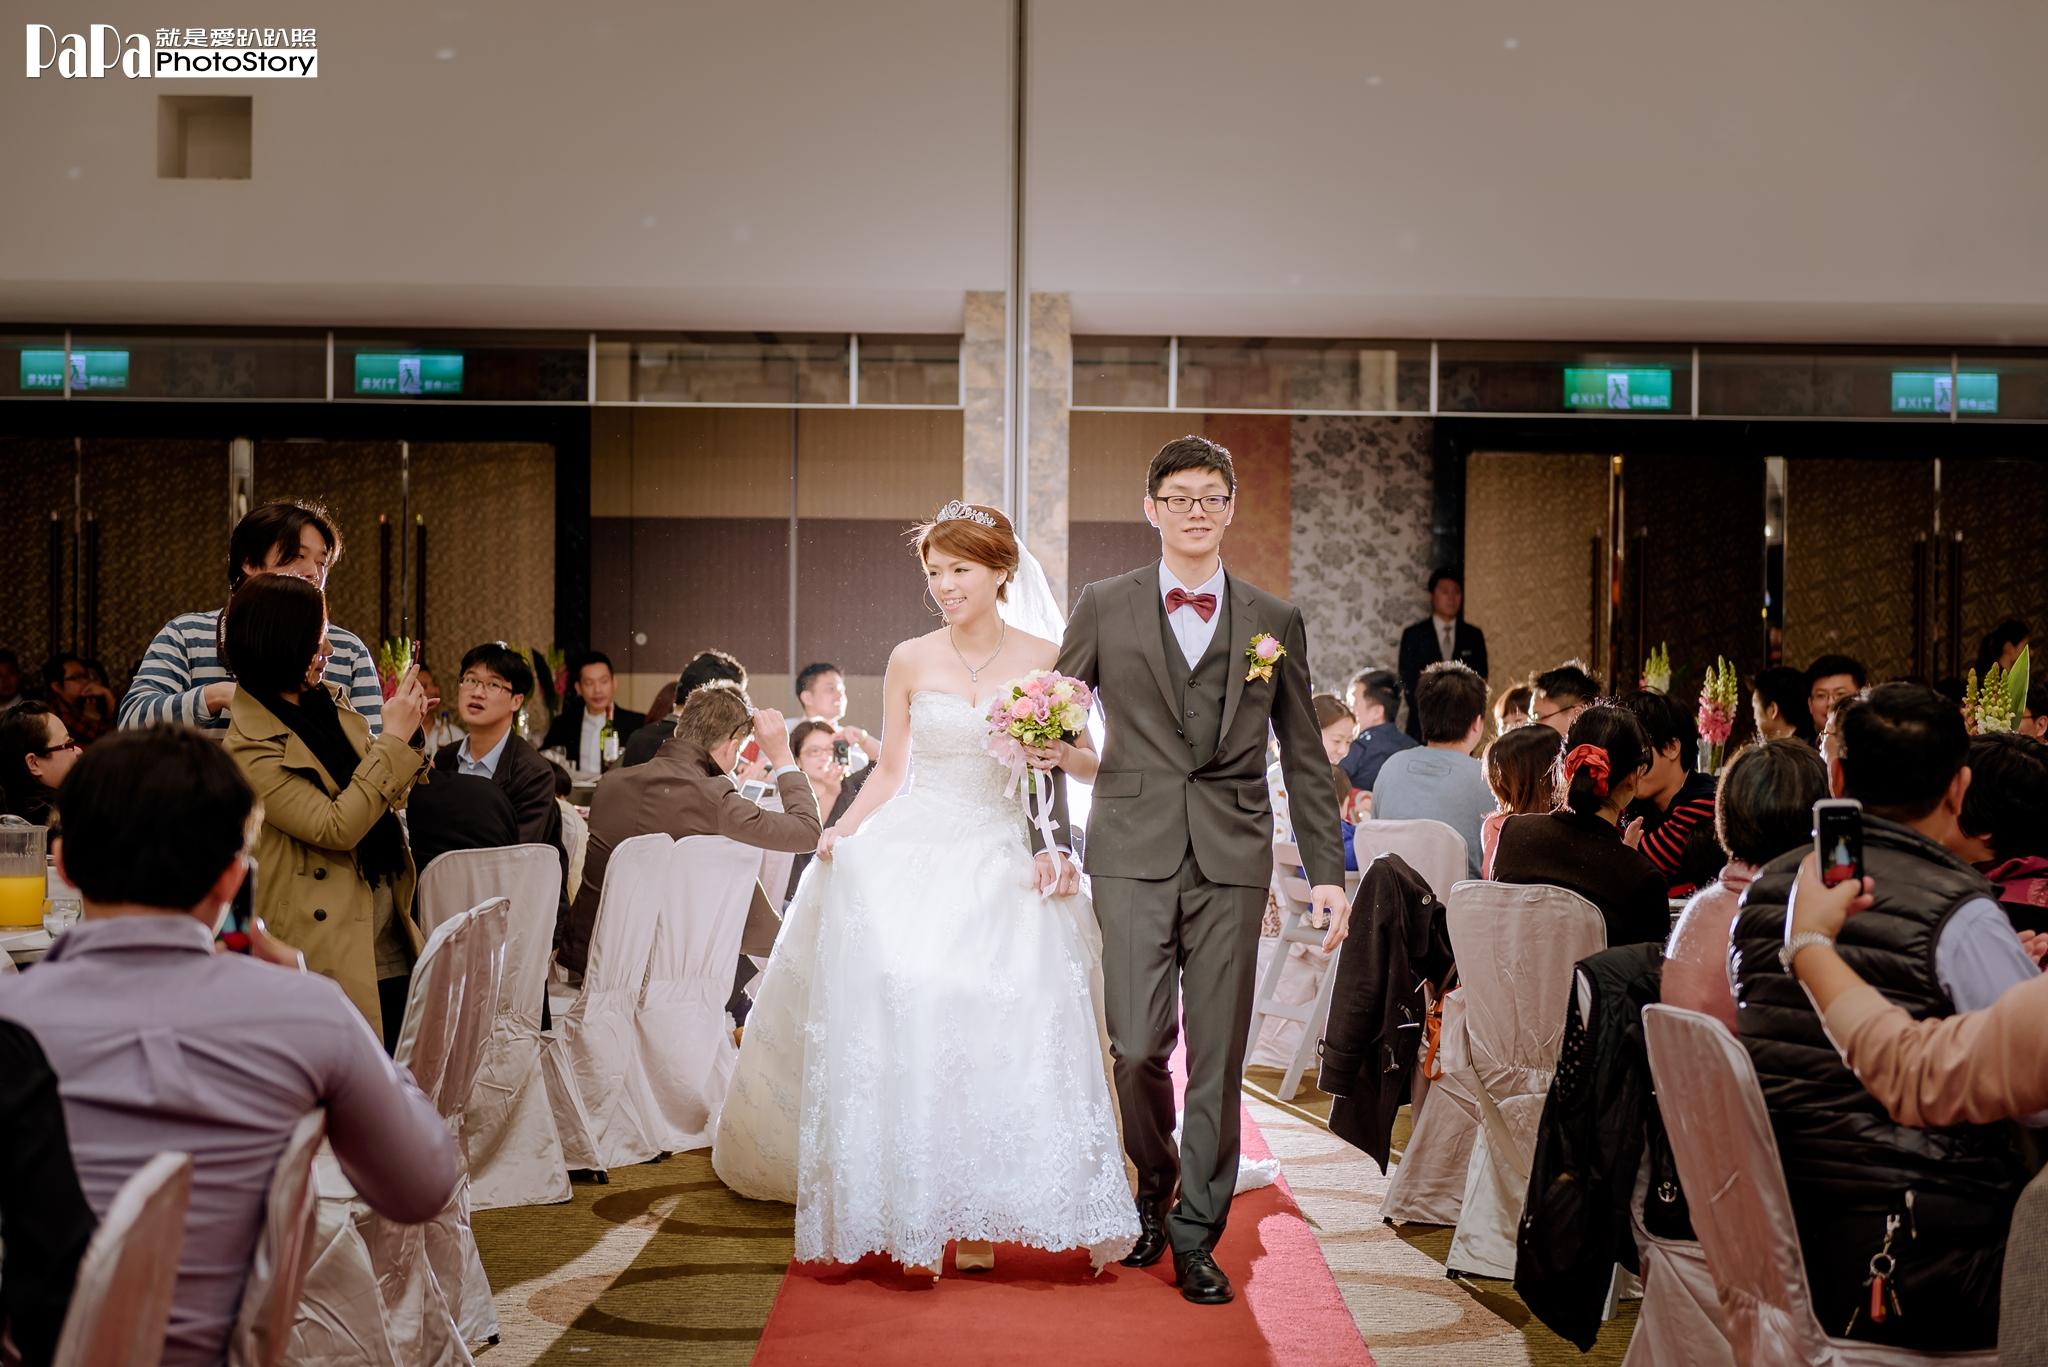 婚攝趴趴照,婚禮歌曲,婚禮音樂,韓國婚禮歌曲,日文婚禮歌曲,中文婚禮歌曲,英文婚禮歌曲